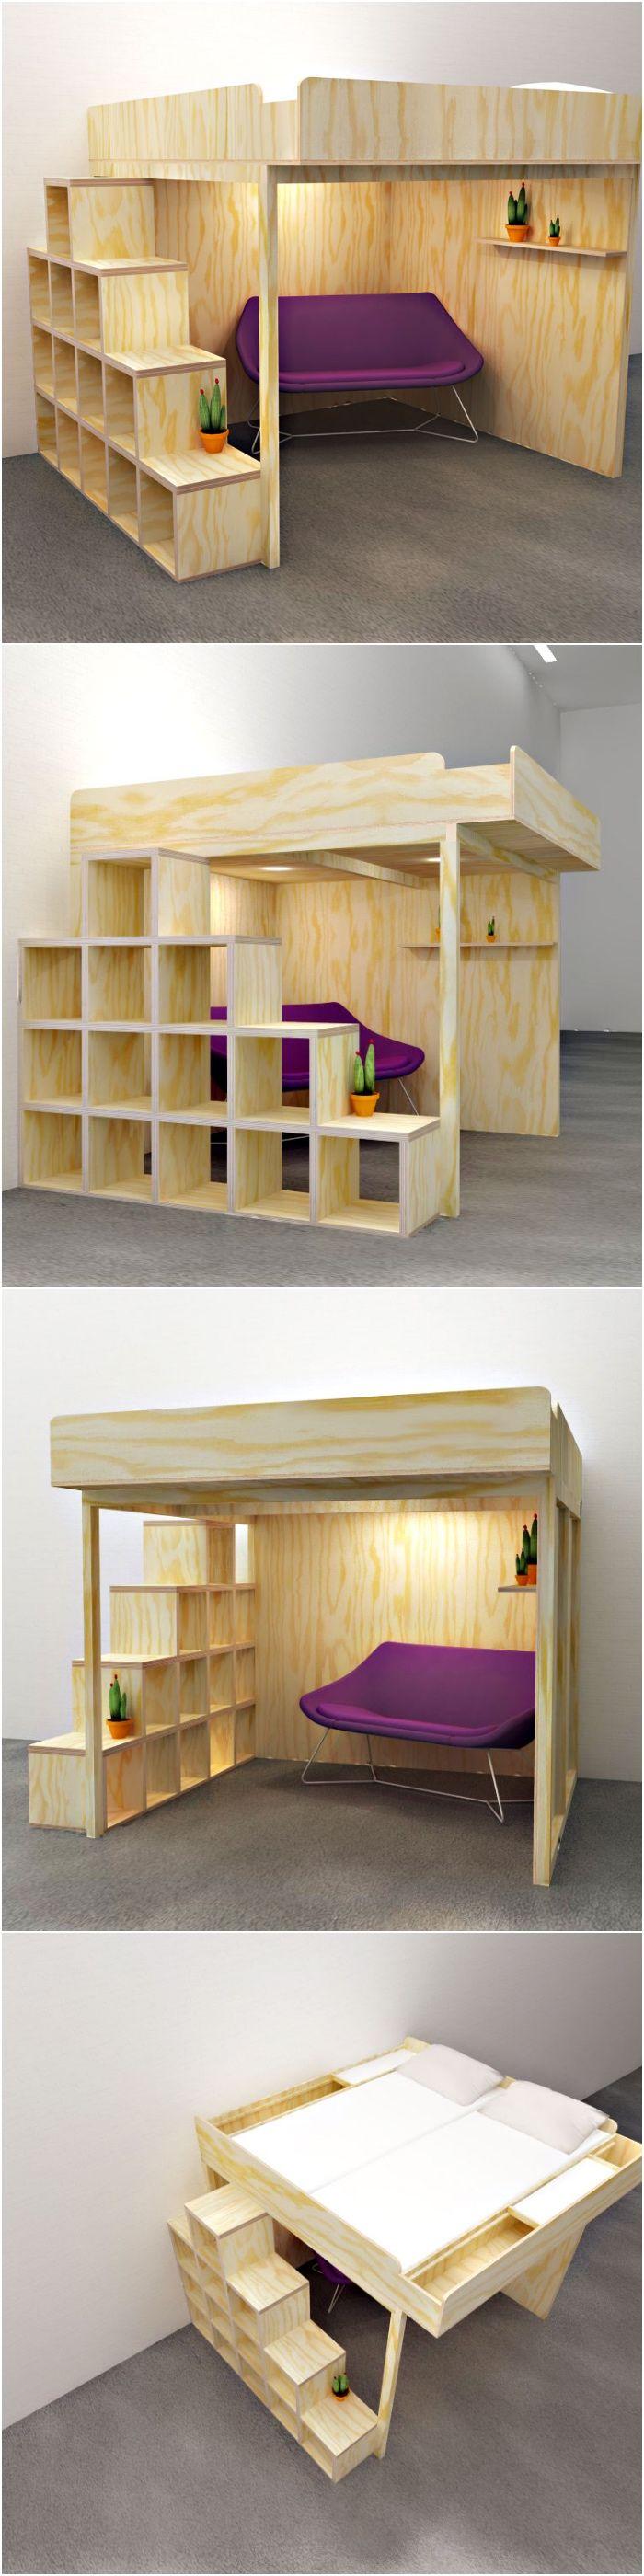 25 beste idee n over kleine huizen op pinterest kleine for Kleine huizen bouwen